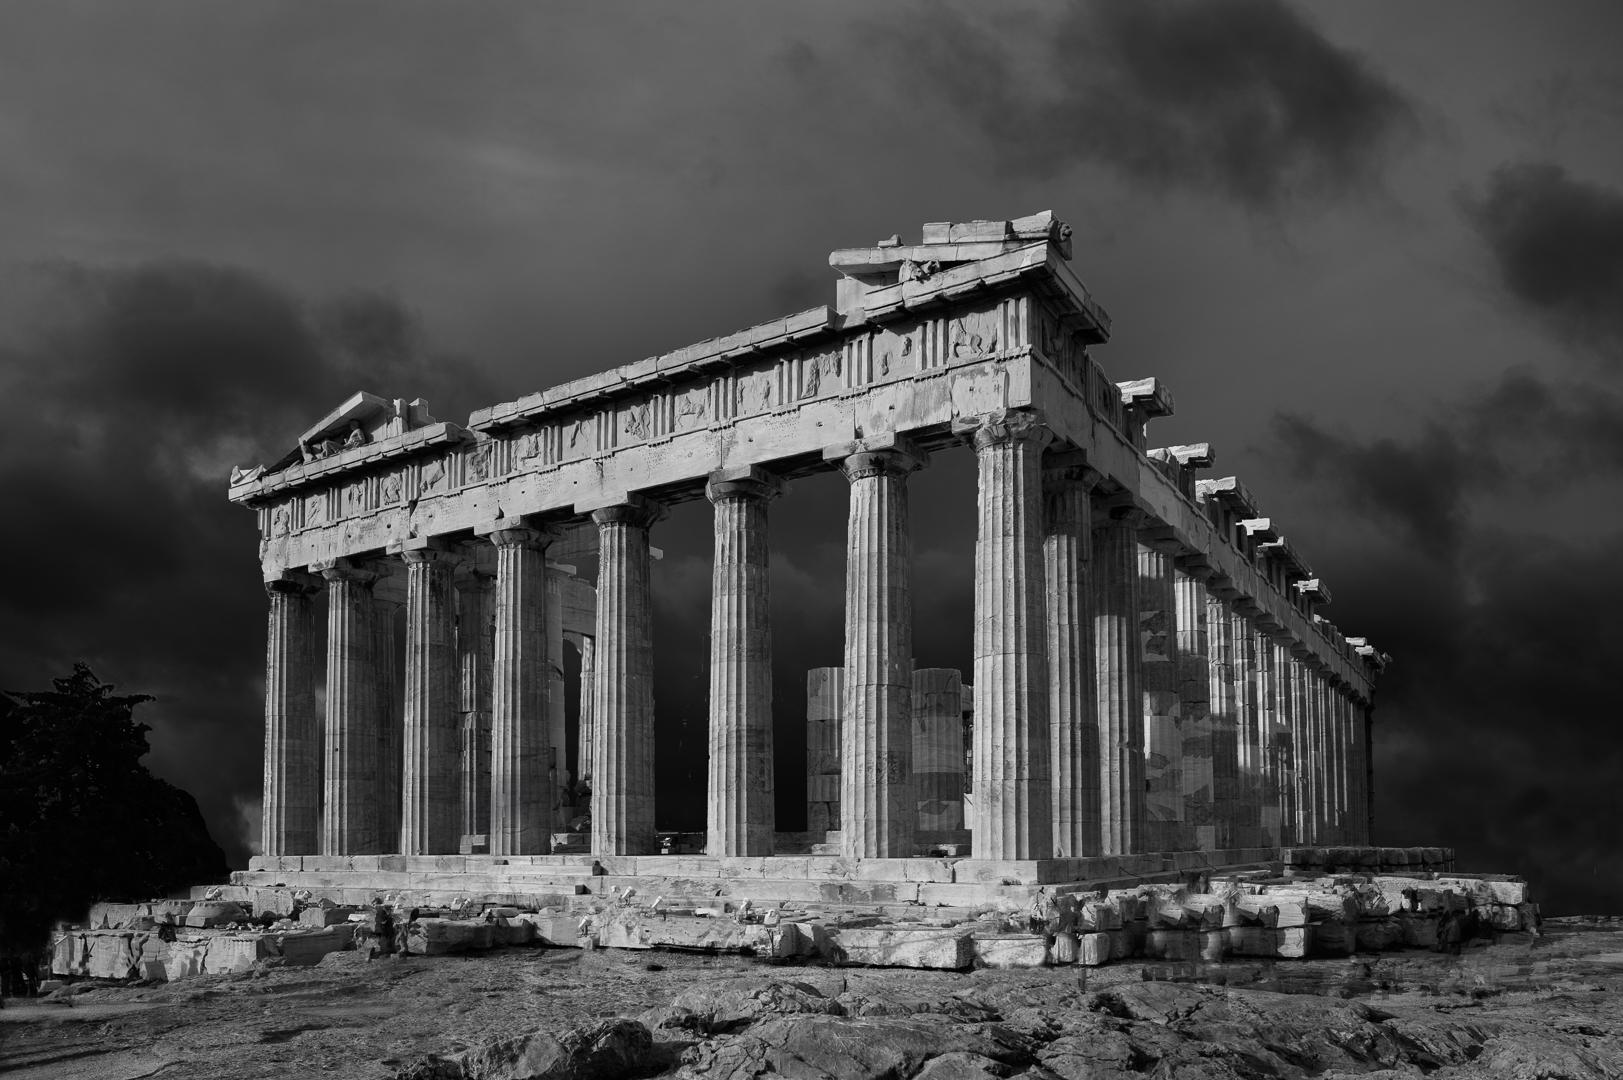 Architecture_The Parthenon_Ray Shorter_Agr_Merit